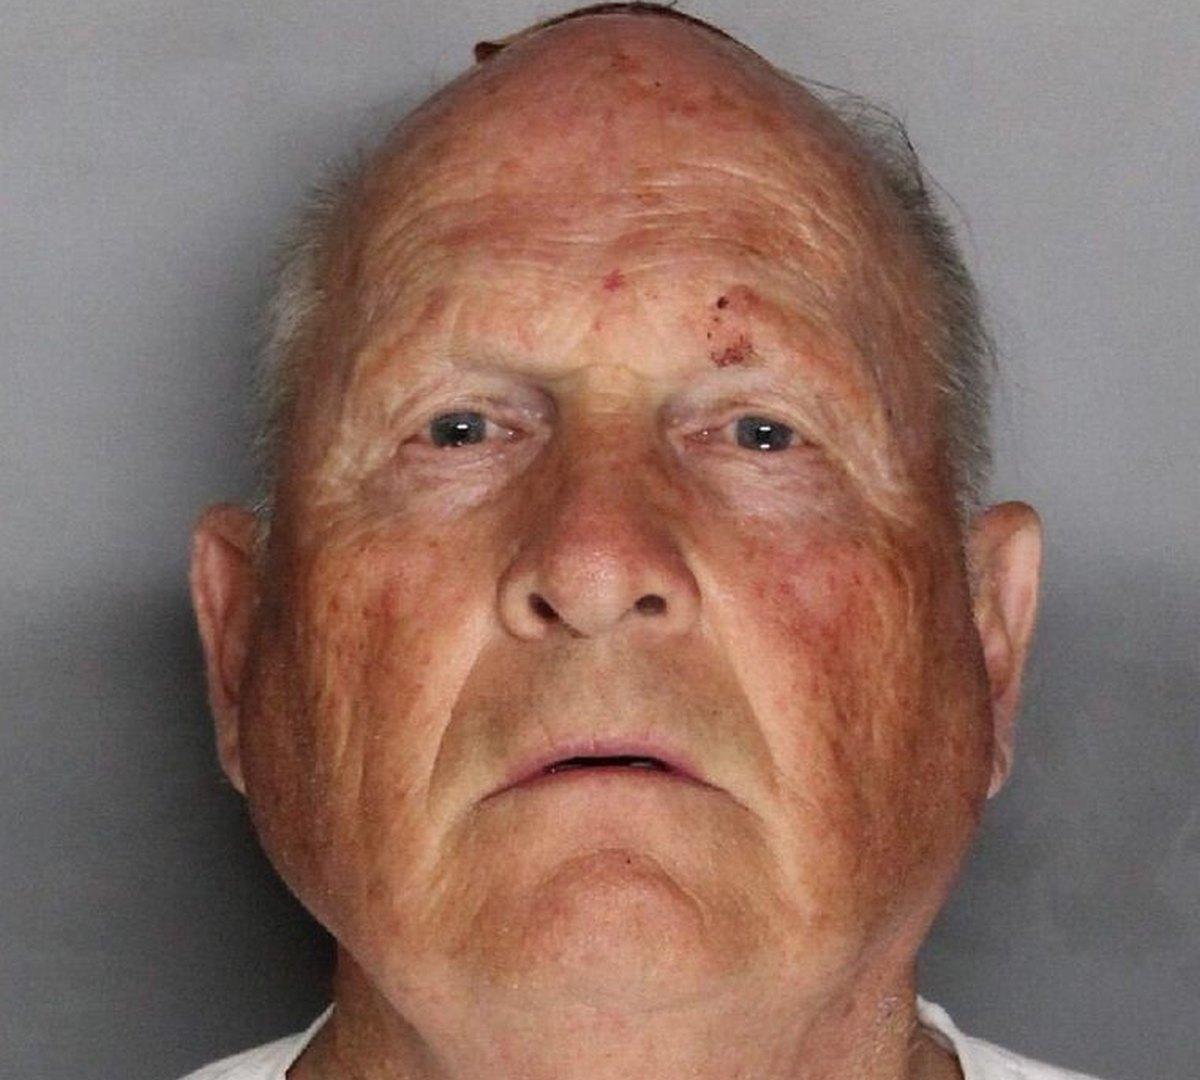 Un criminal în serie a fost prins după 40 de ani! Ce au descoperit polițiștii despre meseria lui